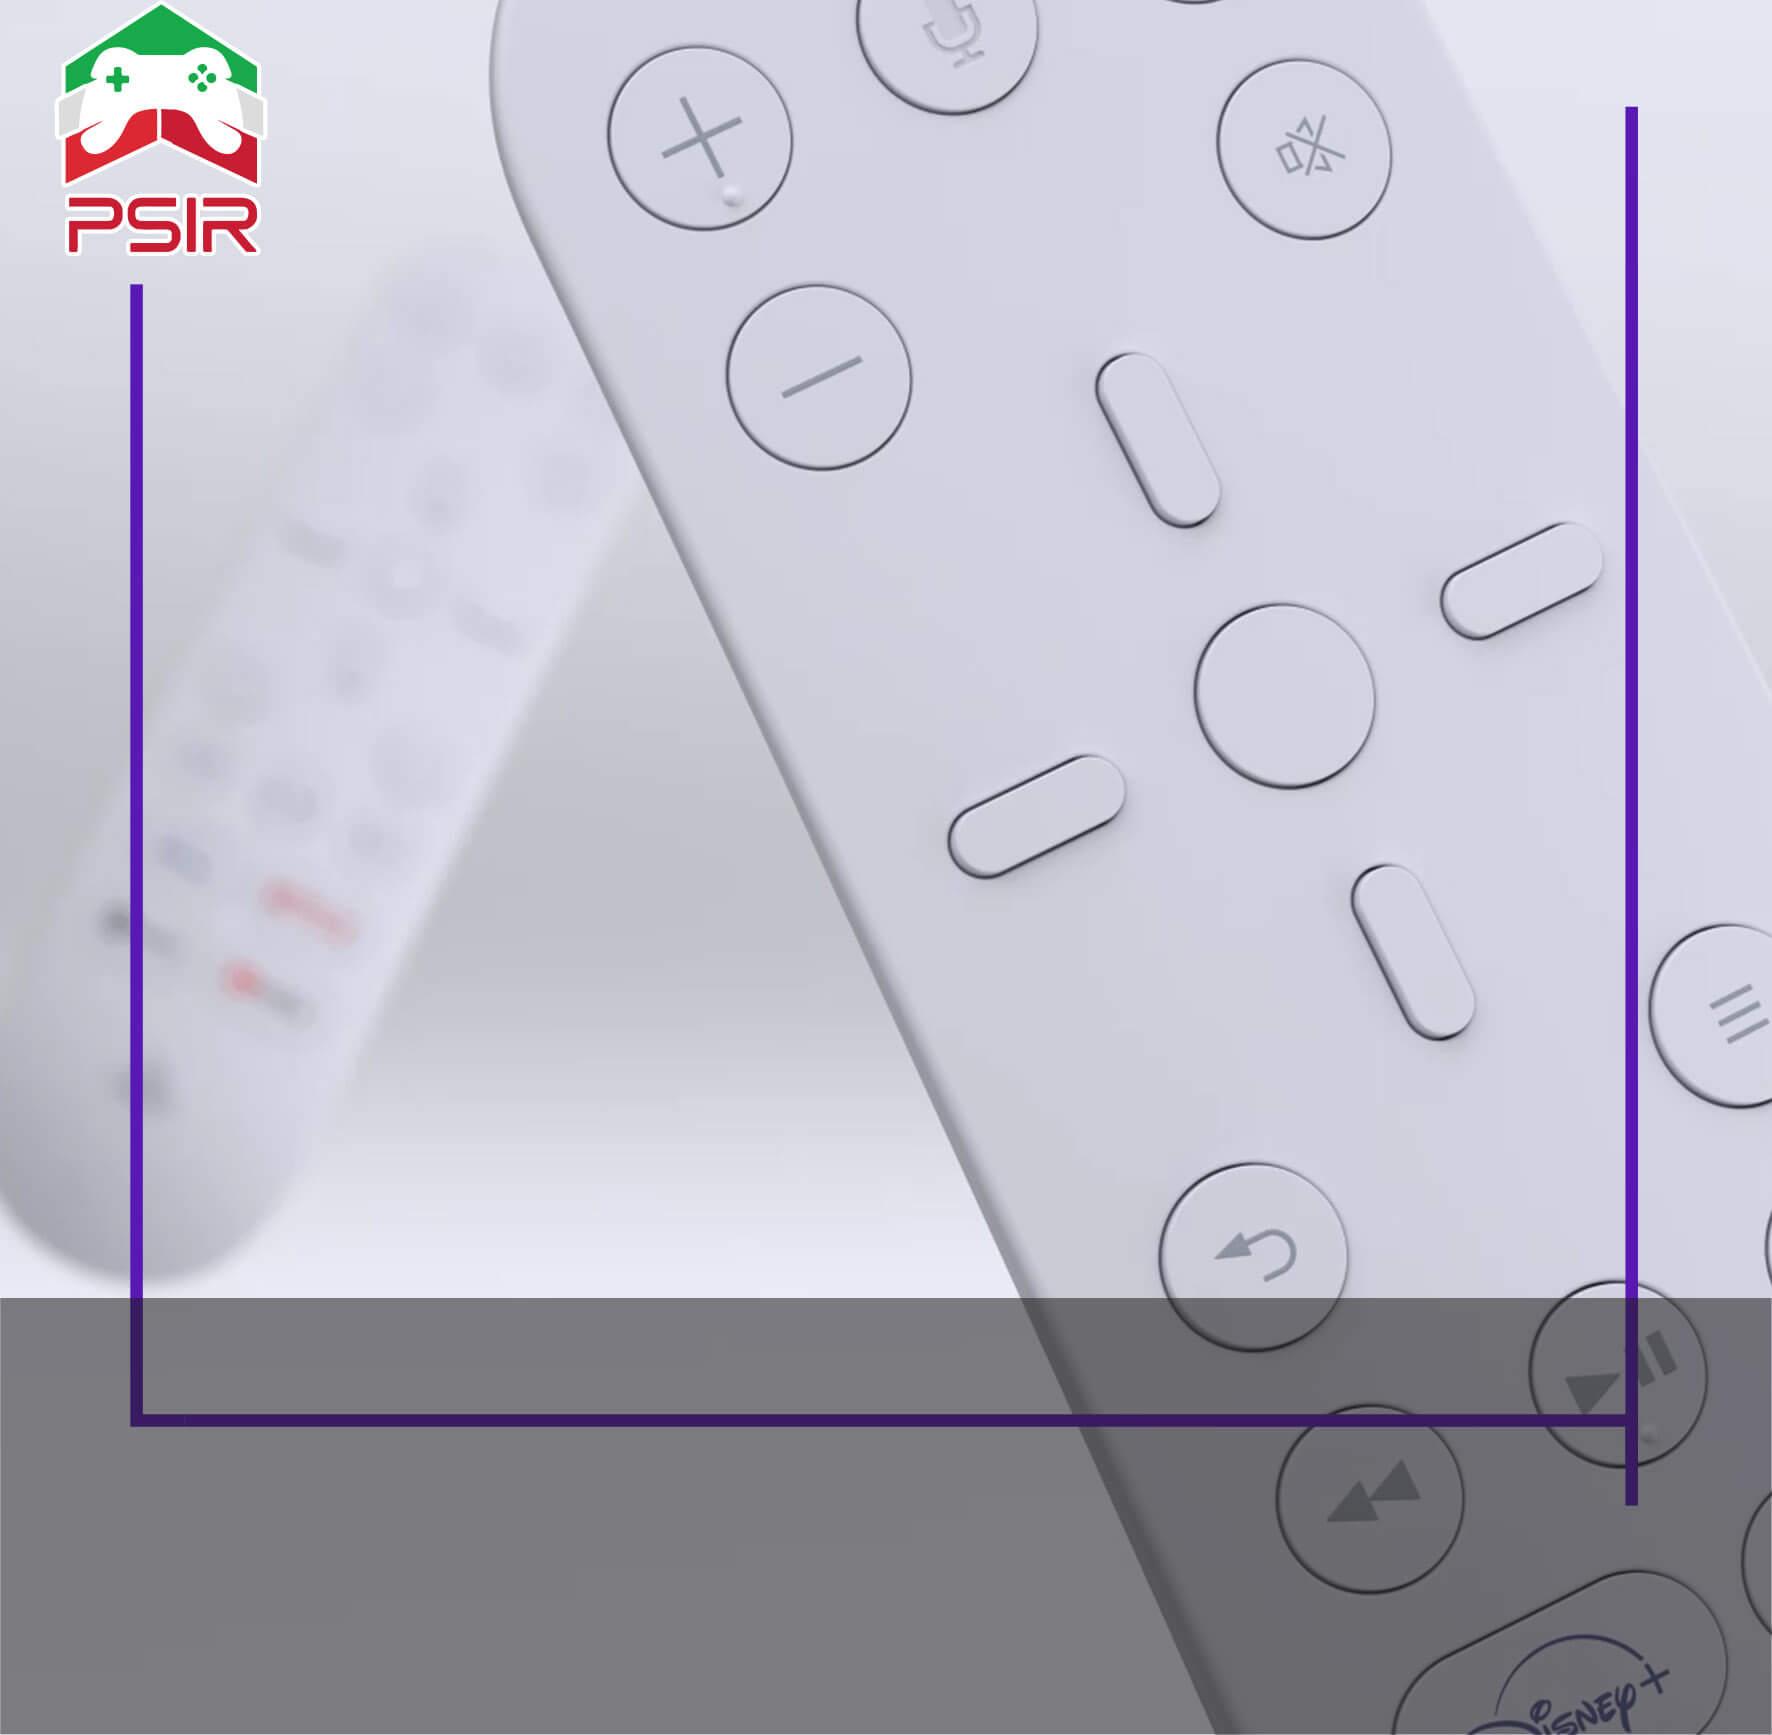 ریموت کنترل PS5 از شناخت تا استفاده | بررسی ریموت کنترل ps5